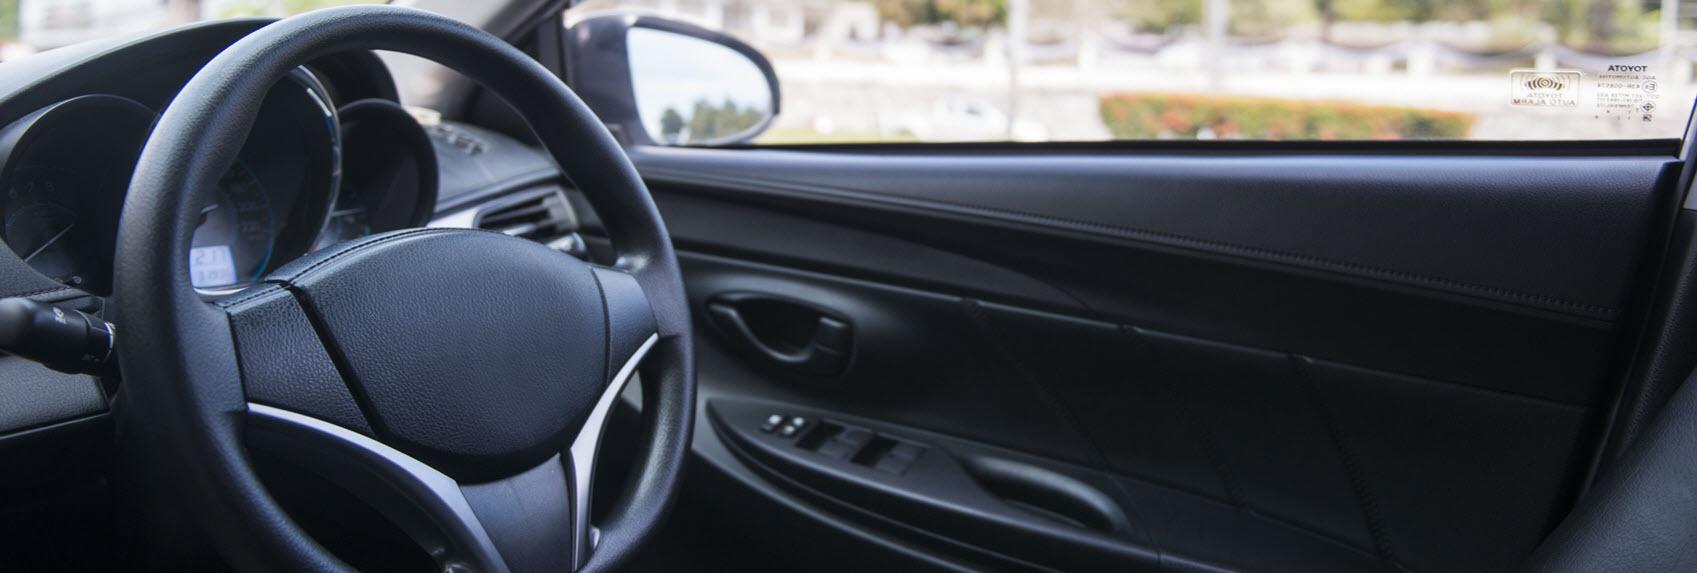 car-steering-wheel